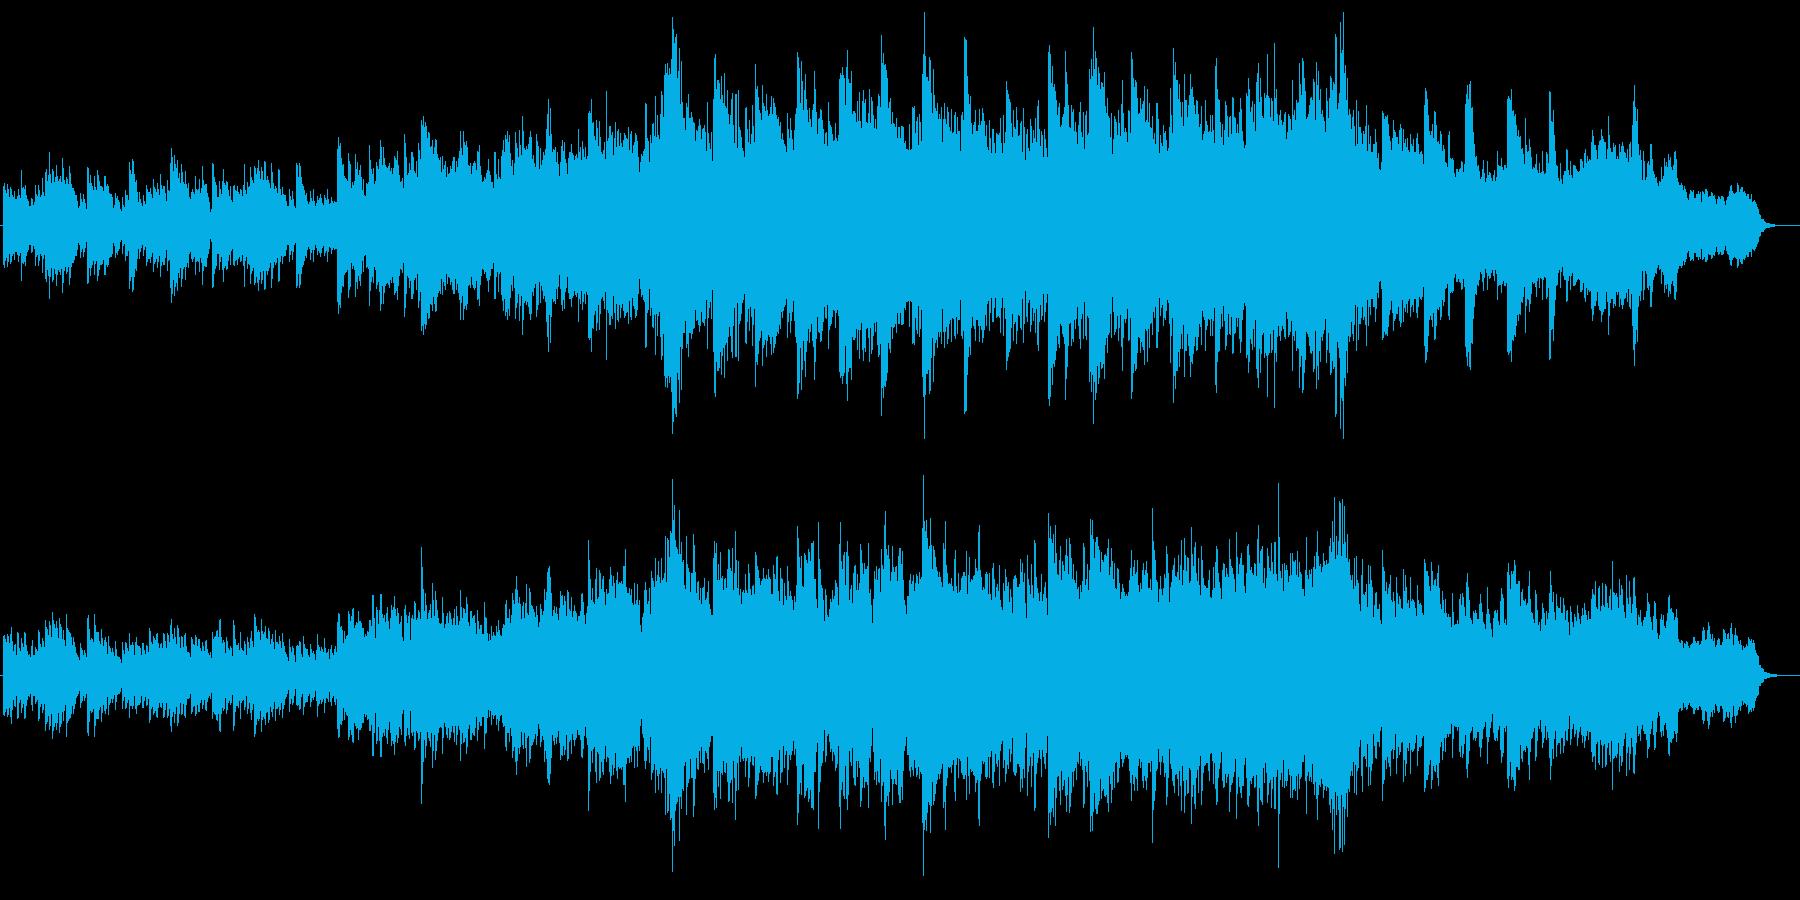 段々盛り上がる壮大なピアノ&ストリングスの再生済みの波形